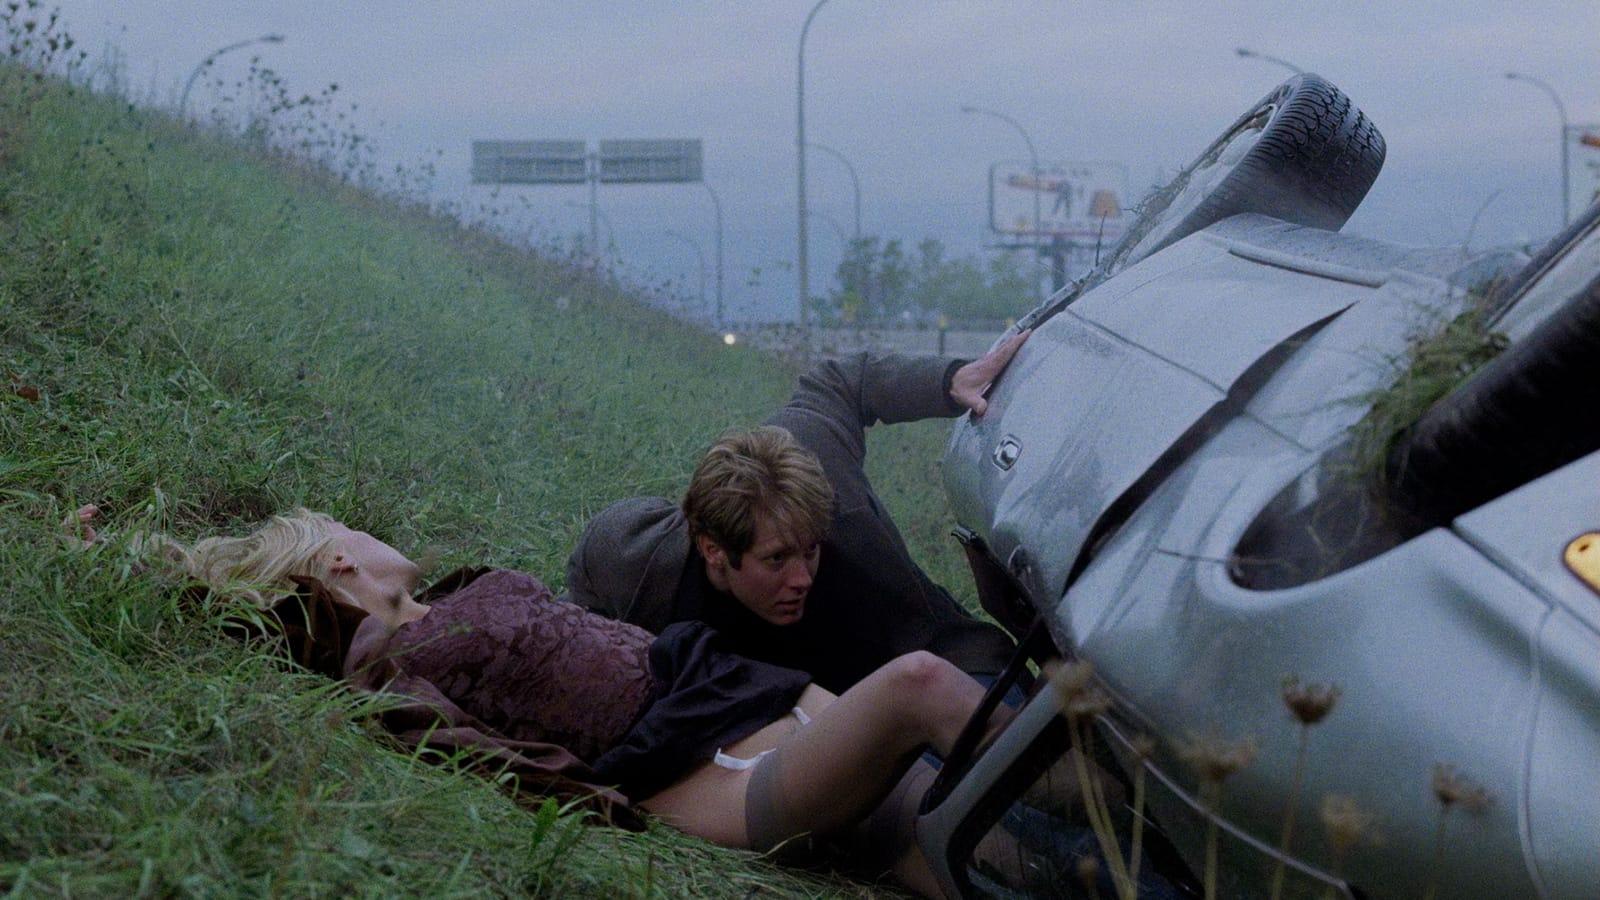 Peli o manta. Crash 1996. Final